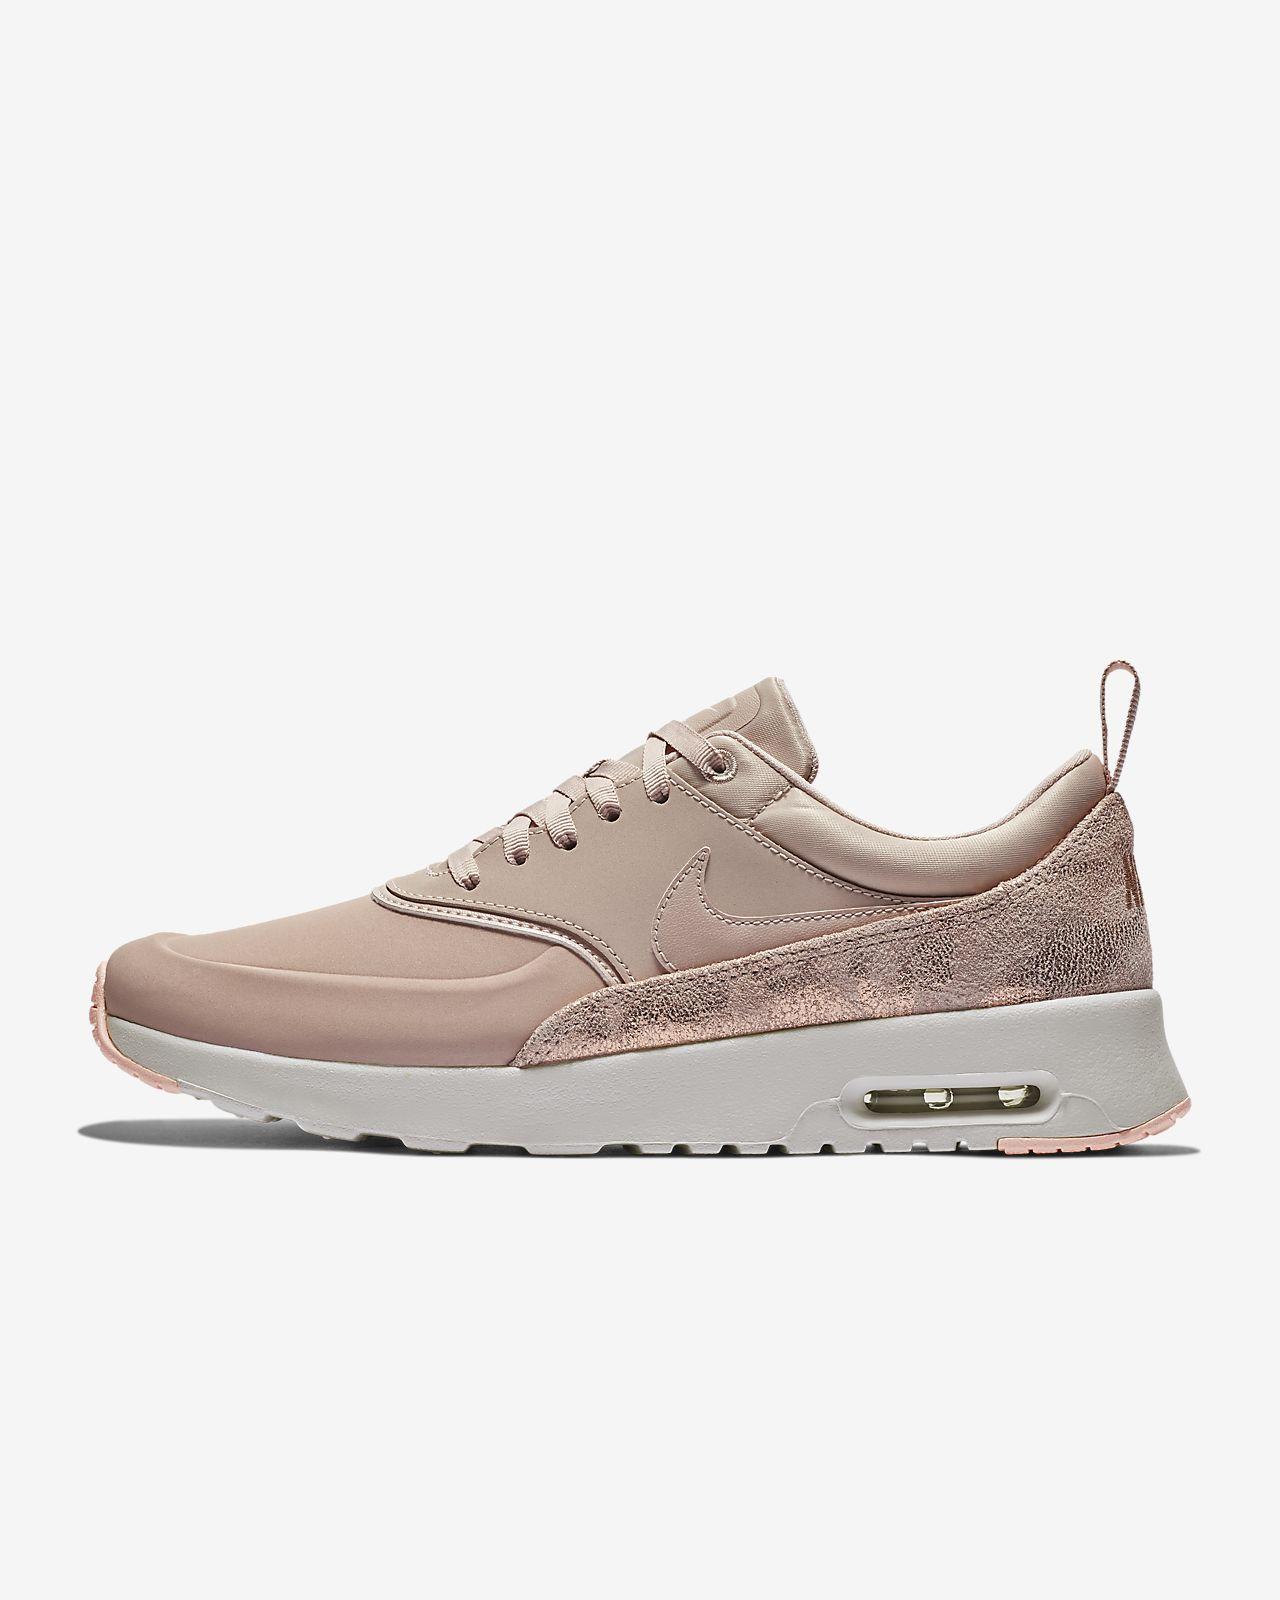 9714c62f coupon code nike air max thea premium sko til kvinder e617d 7a8a5